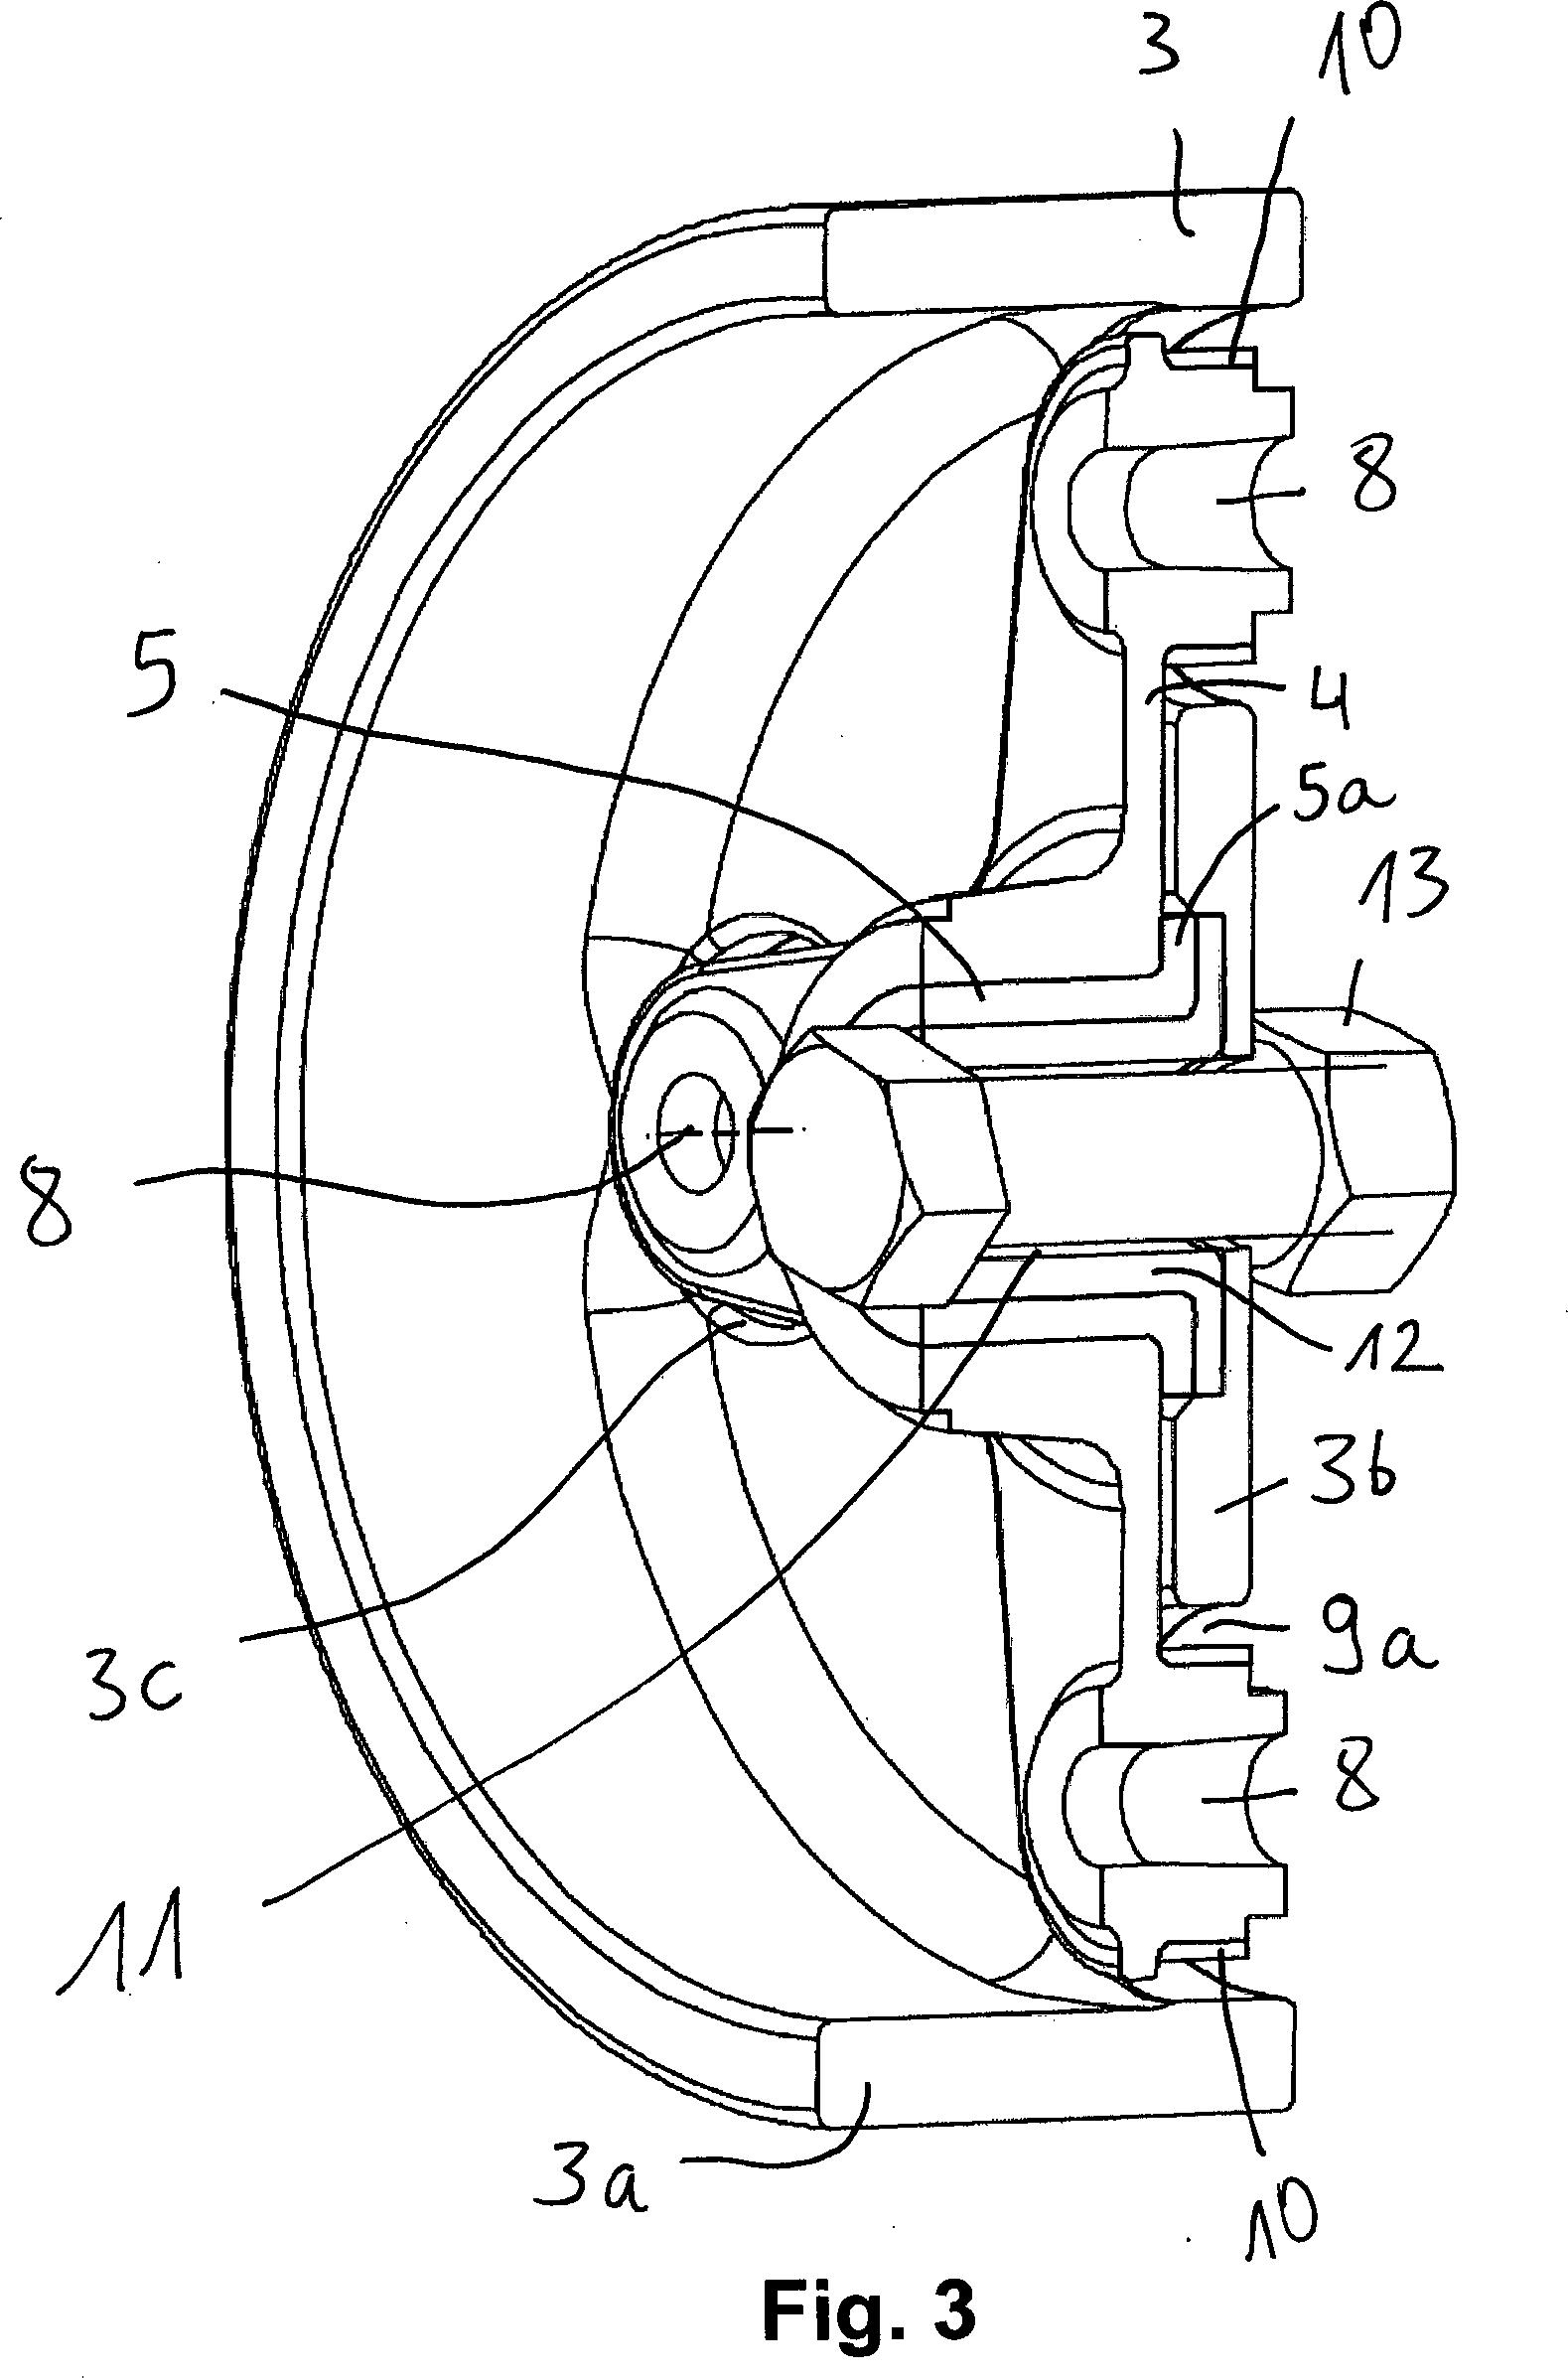 patent de102011010191a1 anordnung mit einem tilger zur tilgung von torsionalen schwingungen. Black Bedroom Furniture Sets. Home Design Ideas